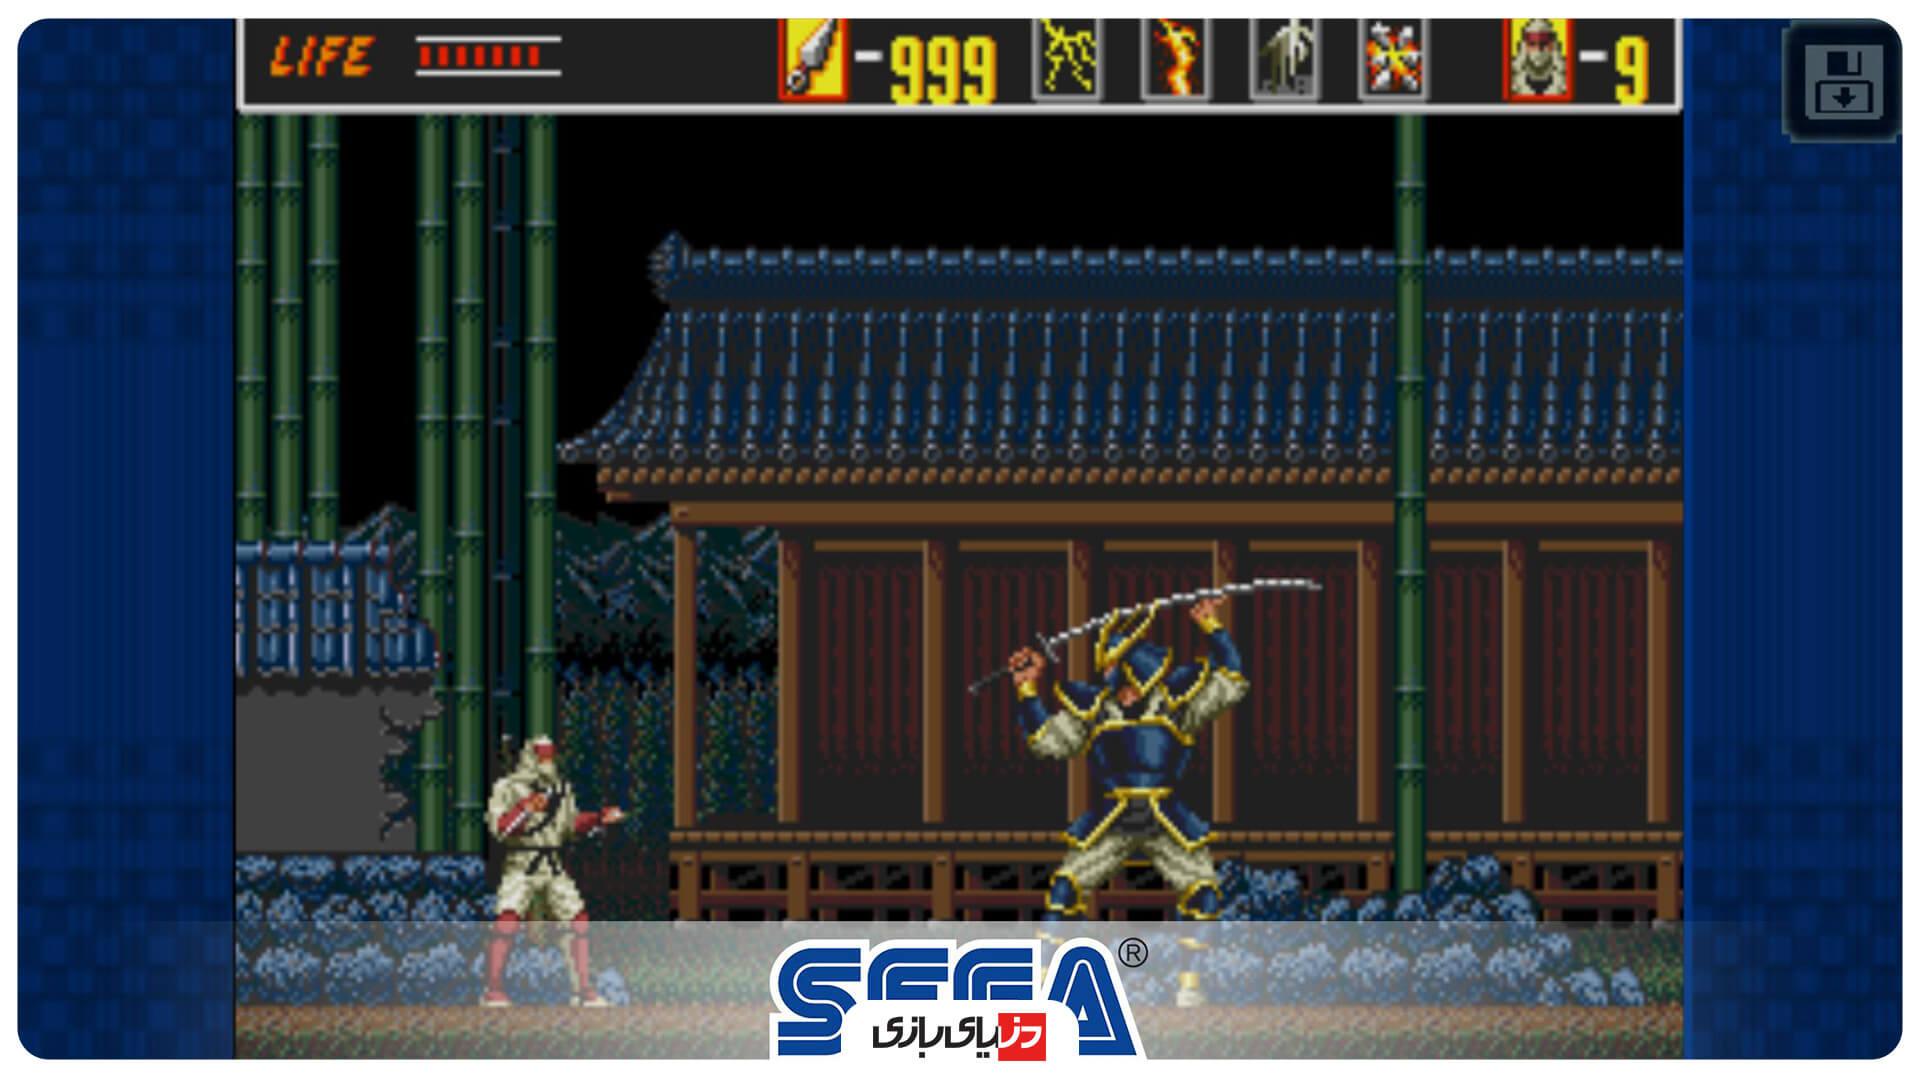 بازی The Revenge of Shinobi Classic